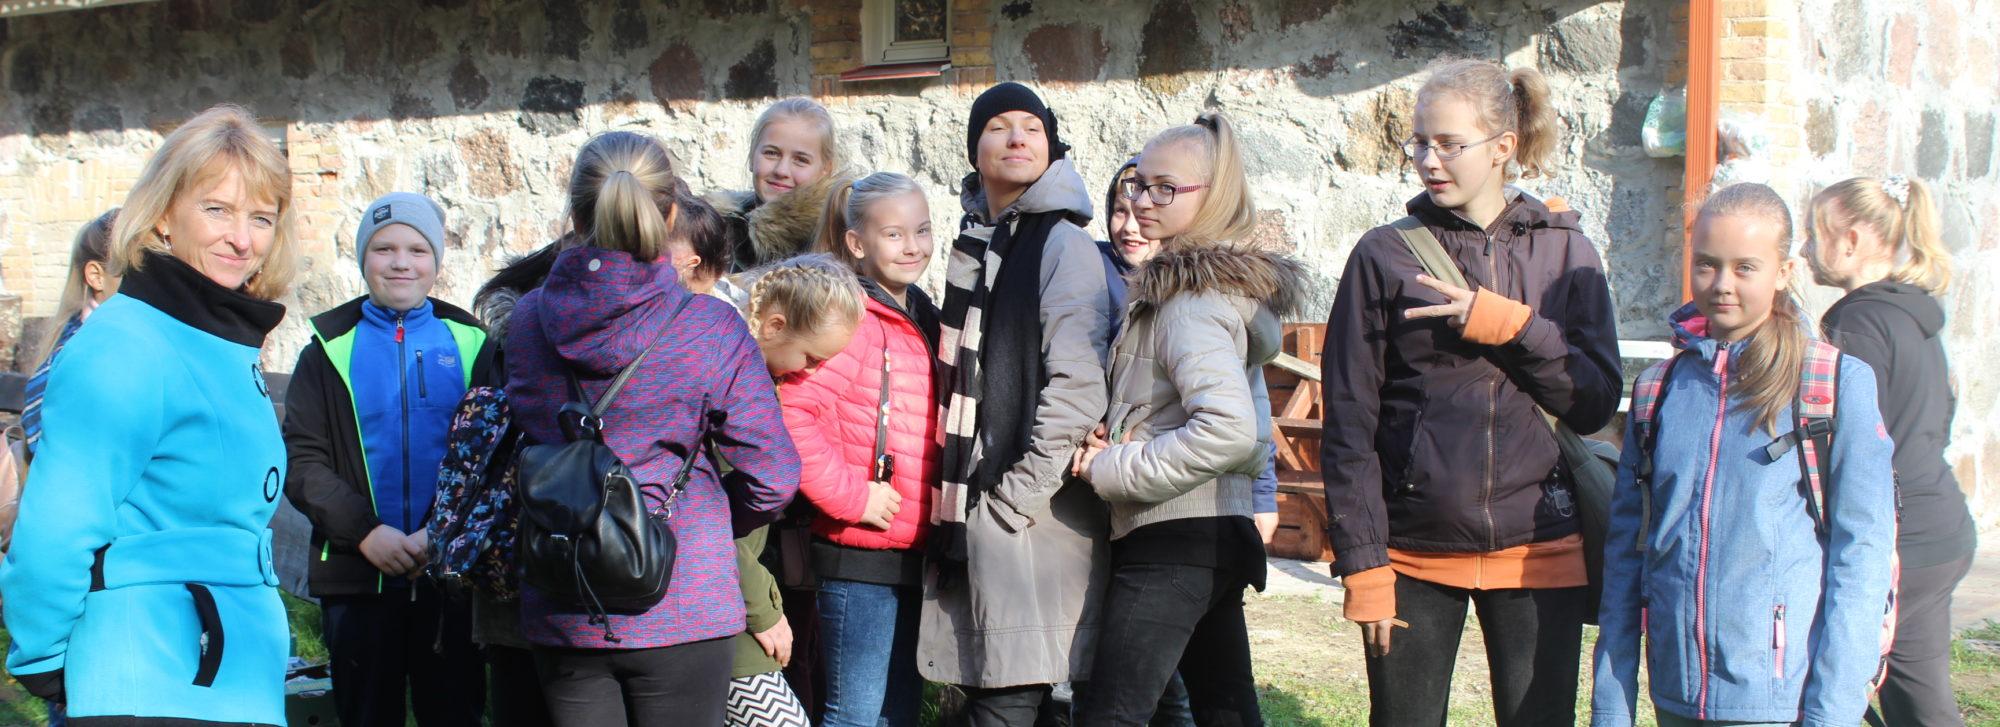 Juhan Liivi nim Alatskivi Kool